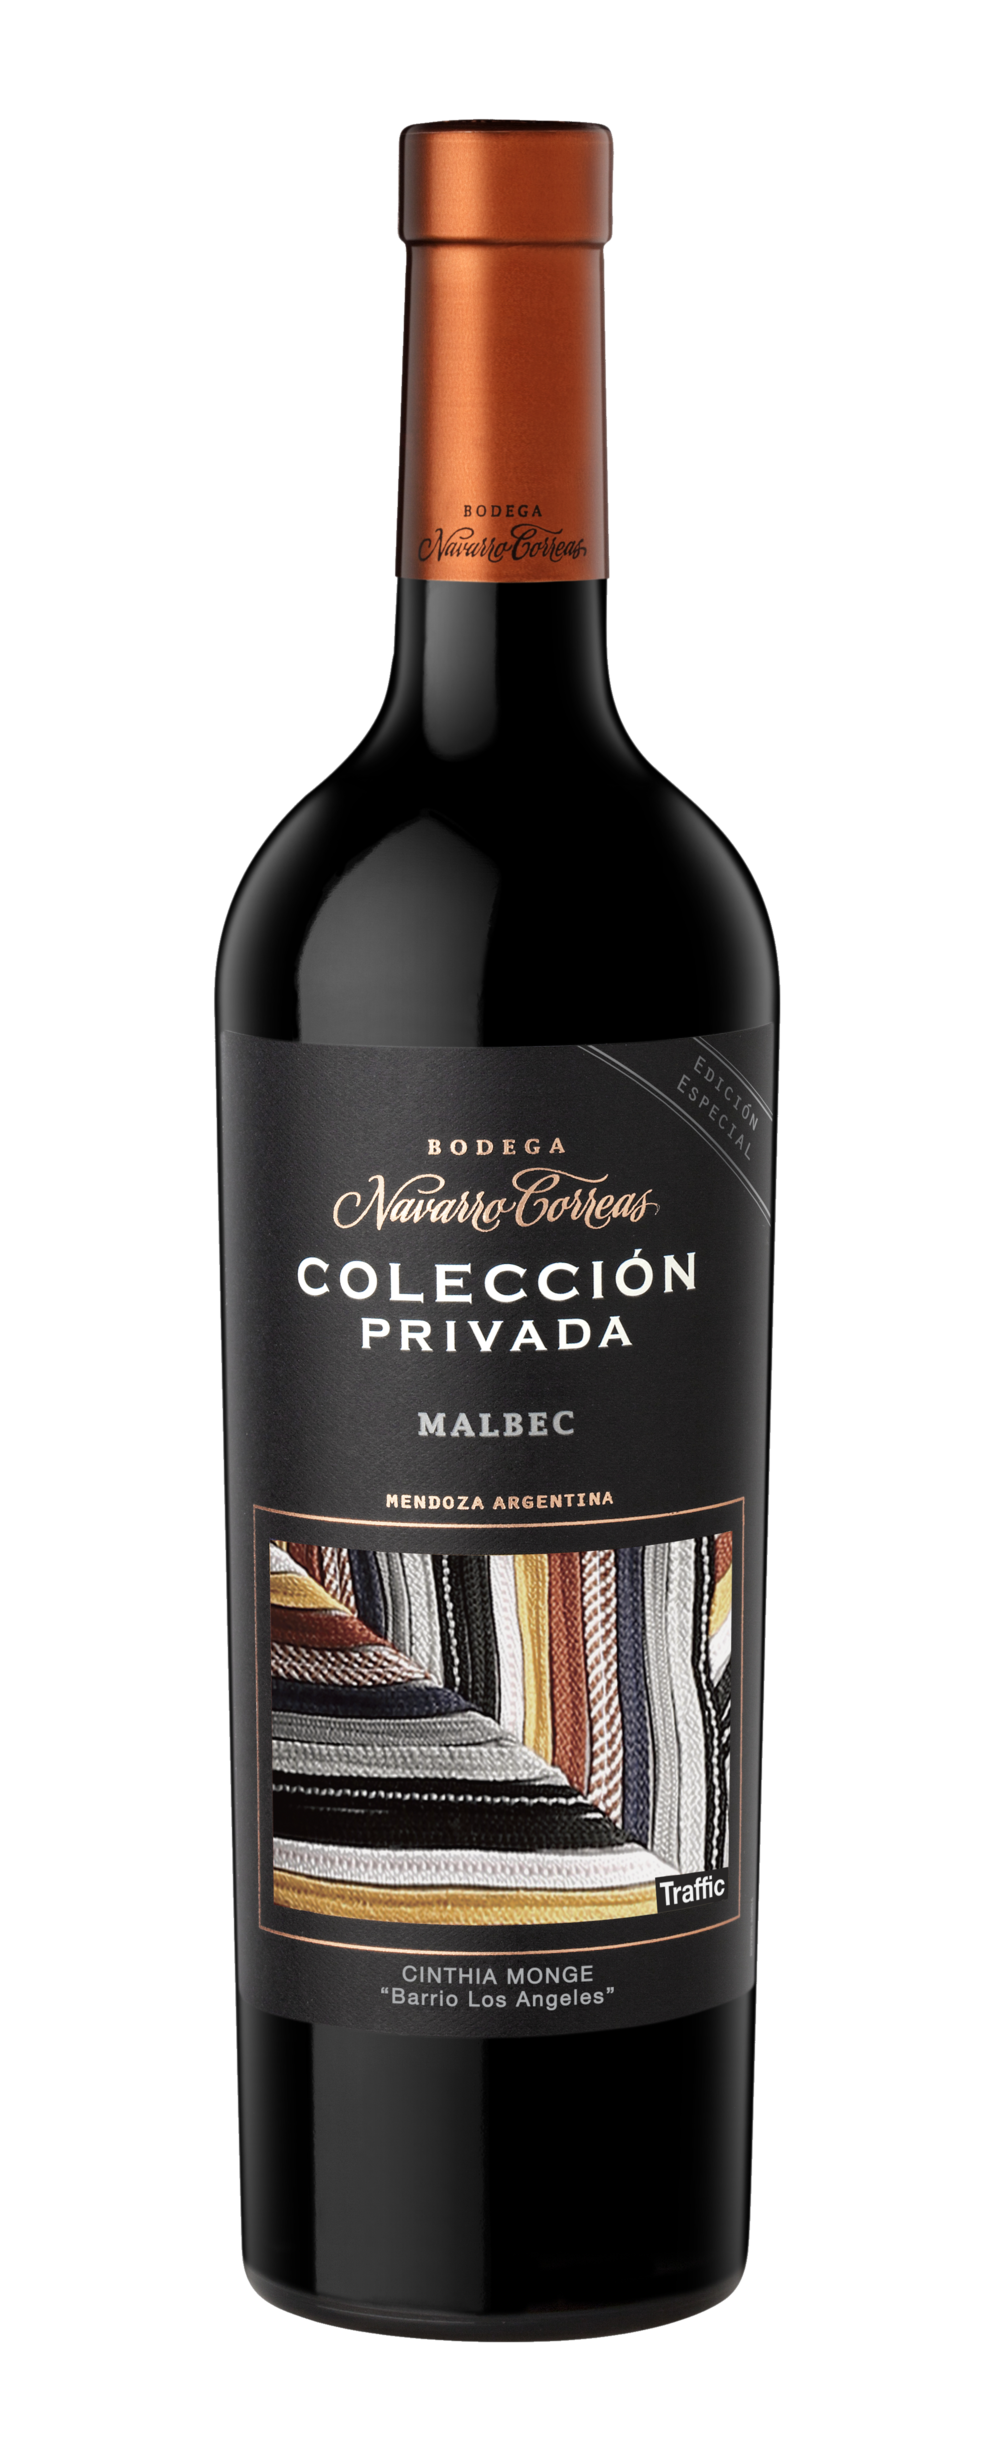 COLECCION PRIVADA EDICION ESPECIAL_Malbec_2.png